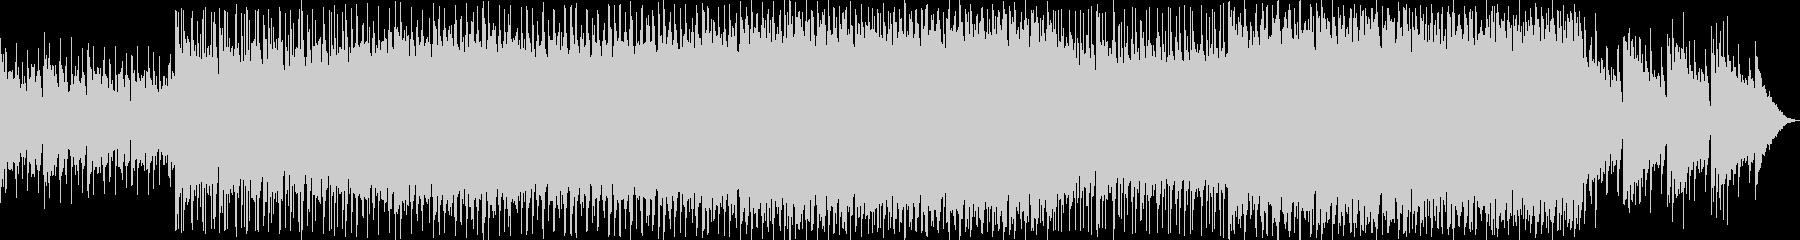 底抜けに明るいキラキラトロピカルポップの未再生の波形